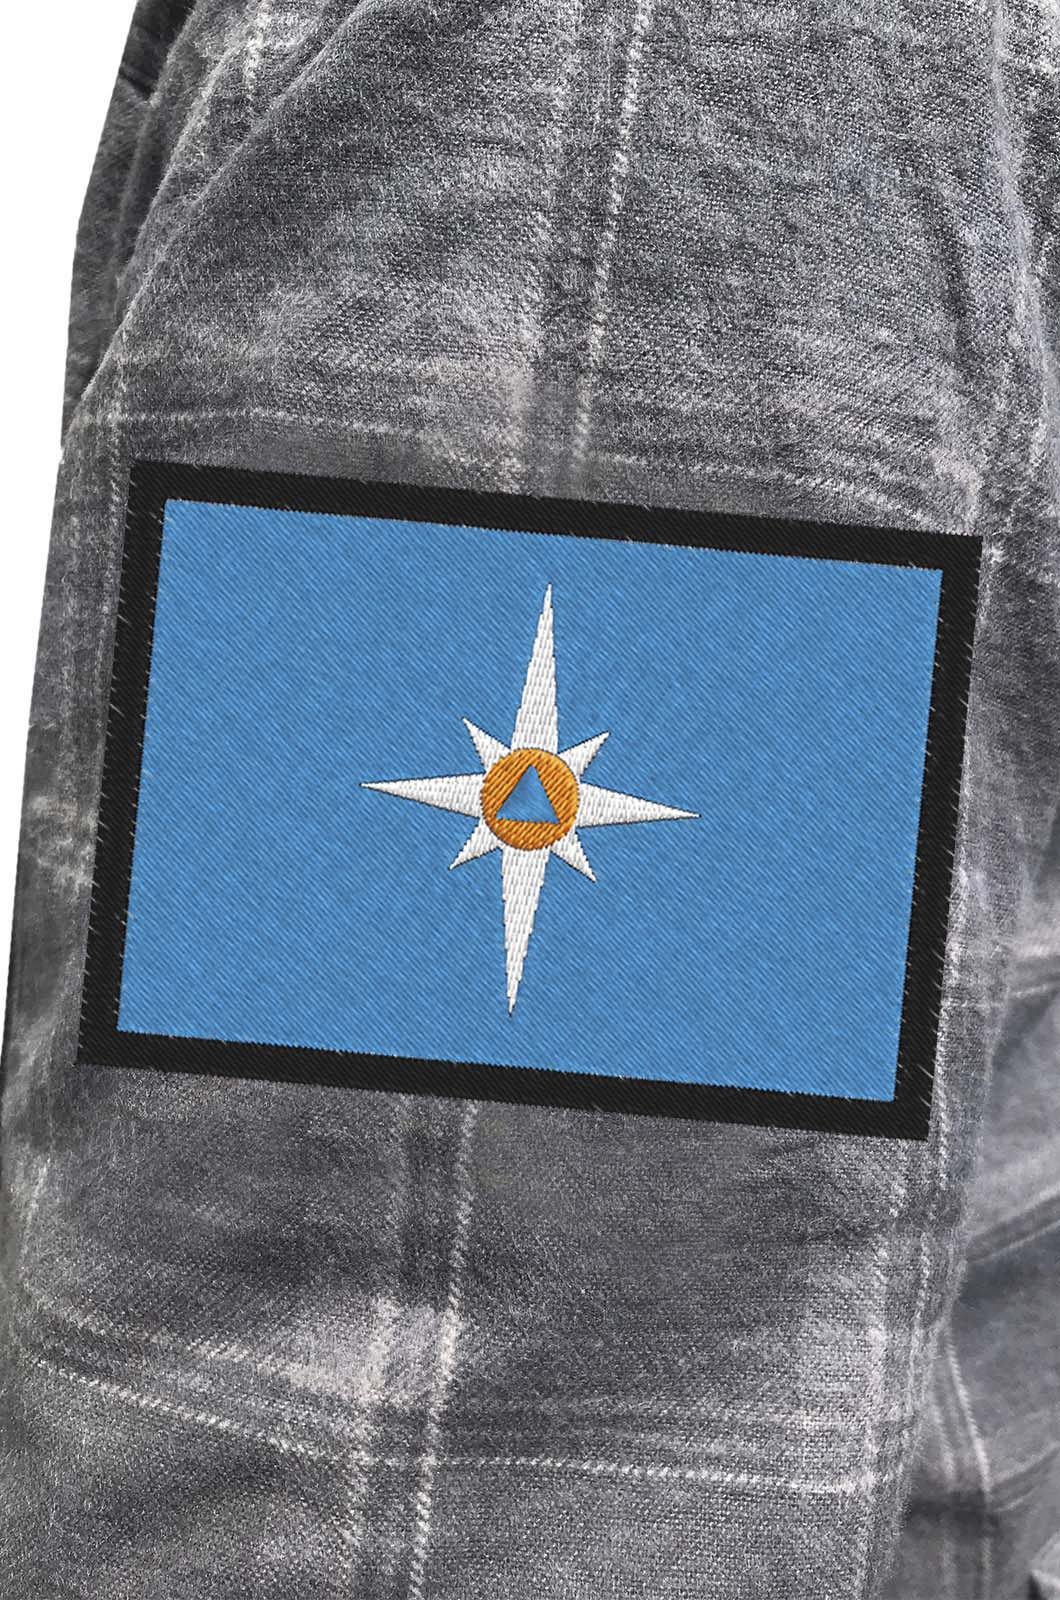 Строгая рубашка с вышитым шевроном МЧС России - купить оптом